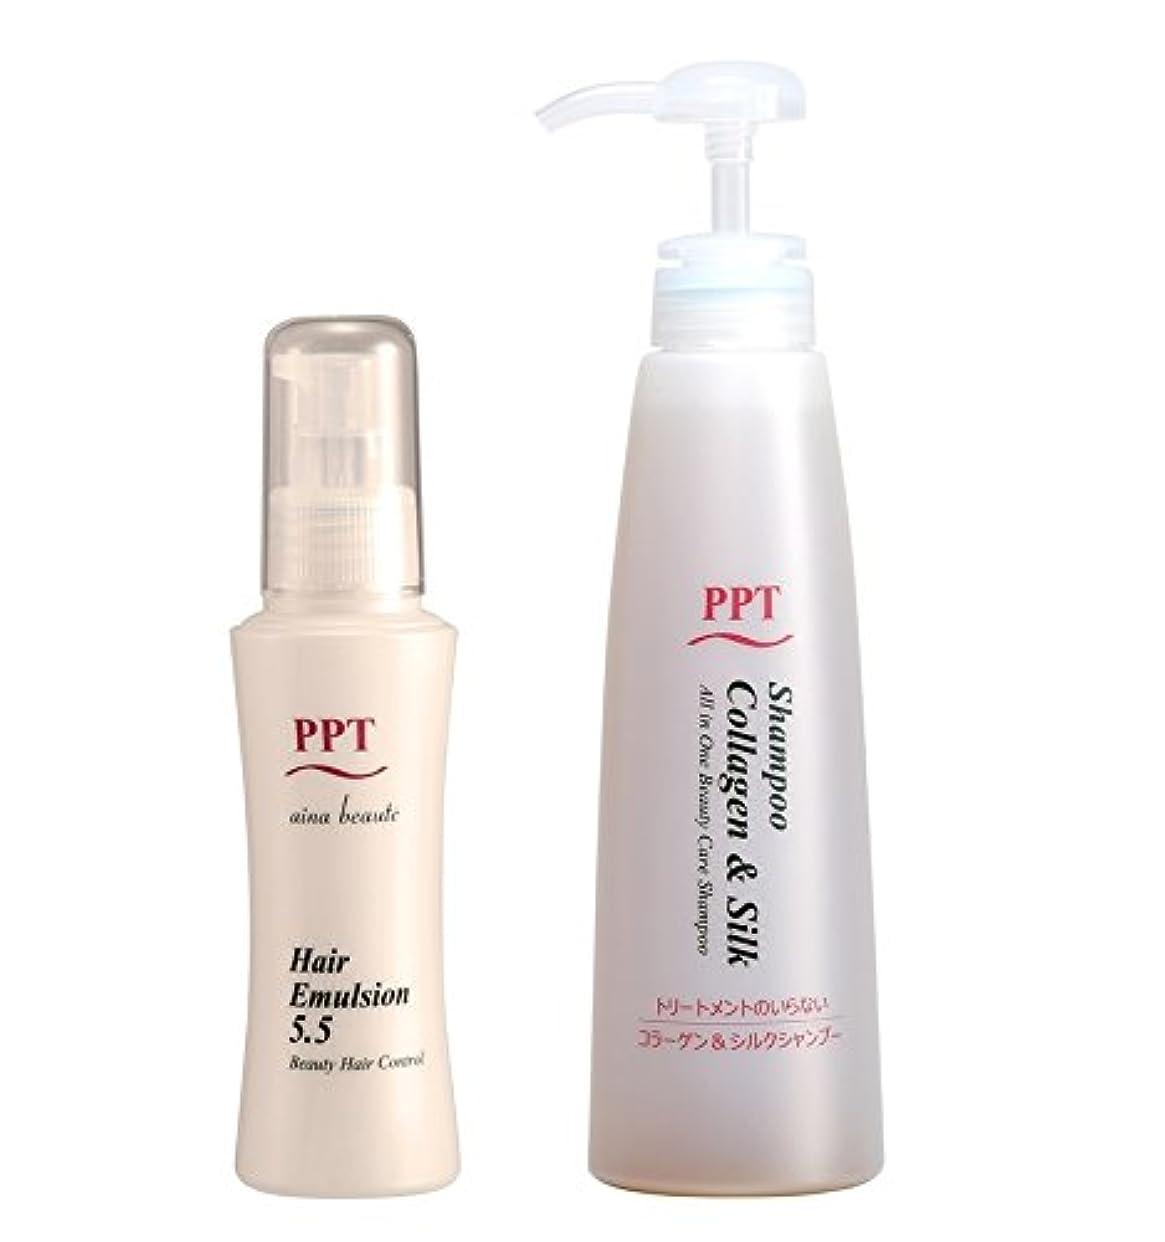 薬用合唱団タオルトリートメント不要 PPTコラーゲン&シルクシャンプー乾燥肌~普通肌用(しっとり),PPTヘアエマルジョン5.5セット